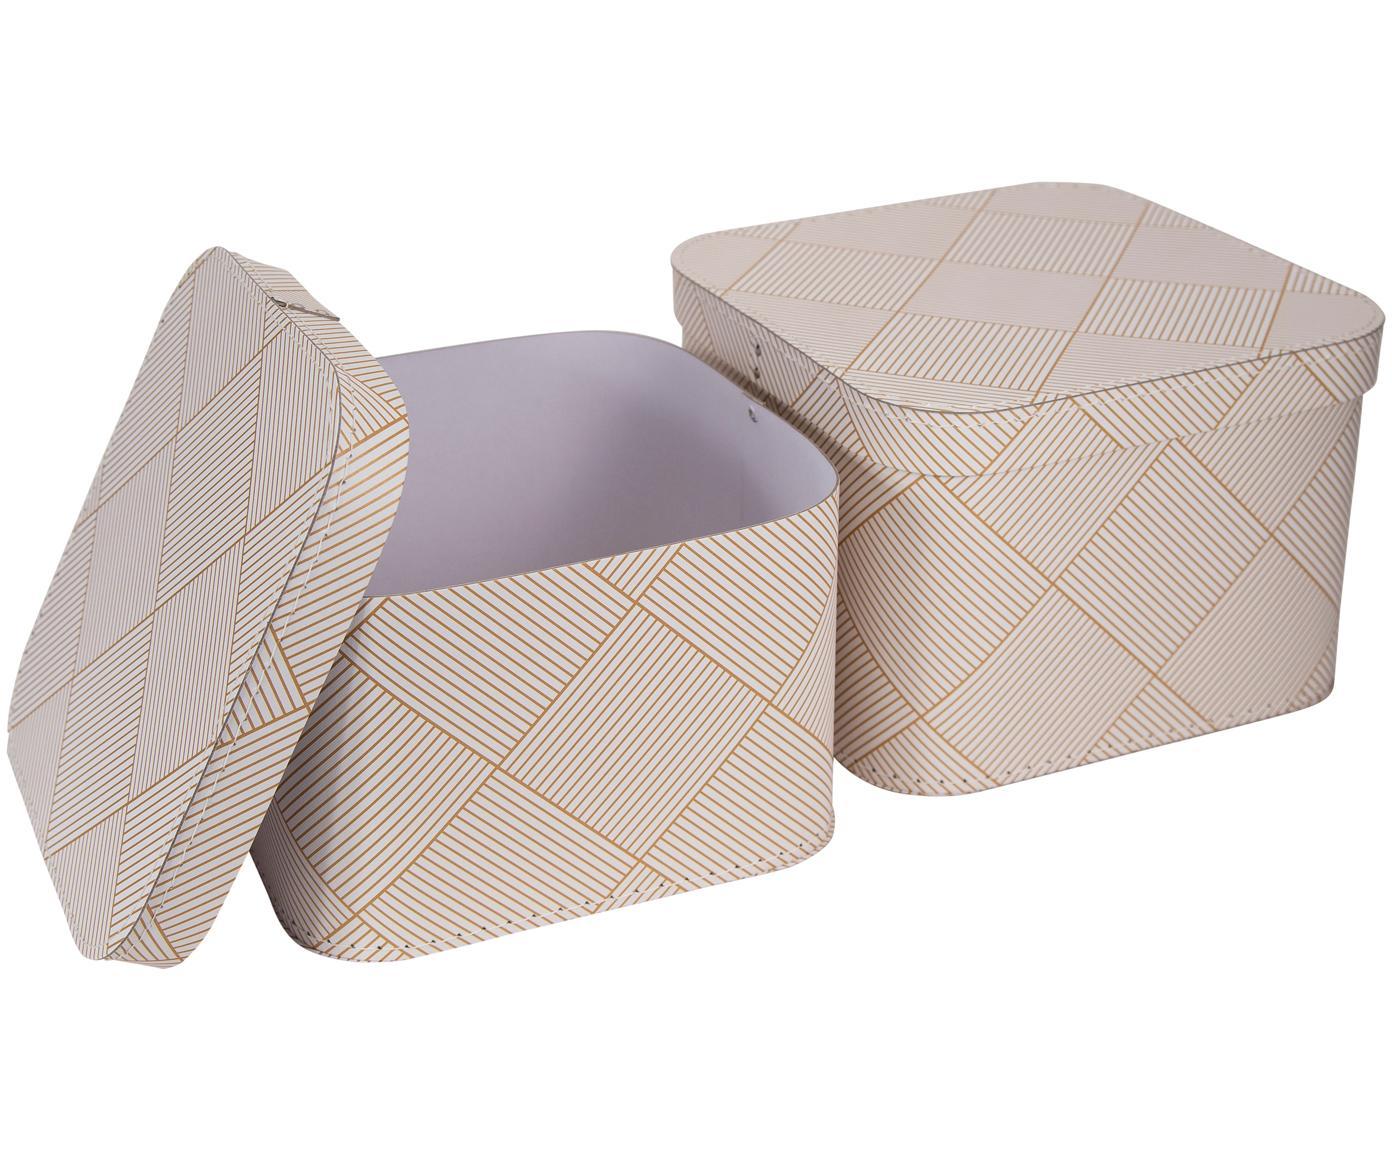 Komplet pudełek do przechowywania Ludvig, 2 elem., Solidna tektura laminowana, Odcienie złotego, biały, Różne rozmiary